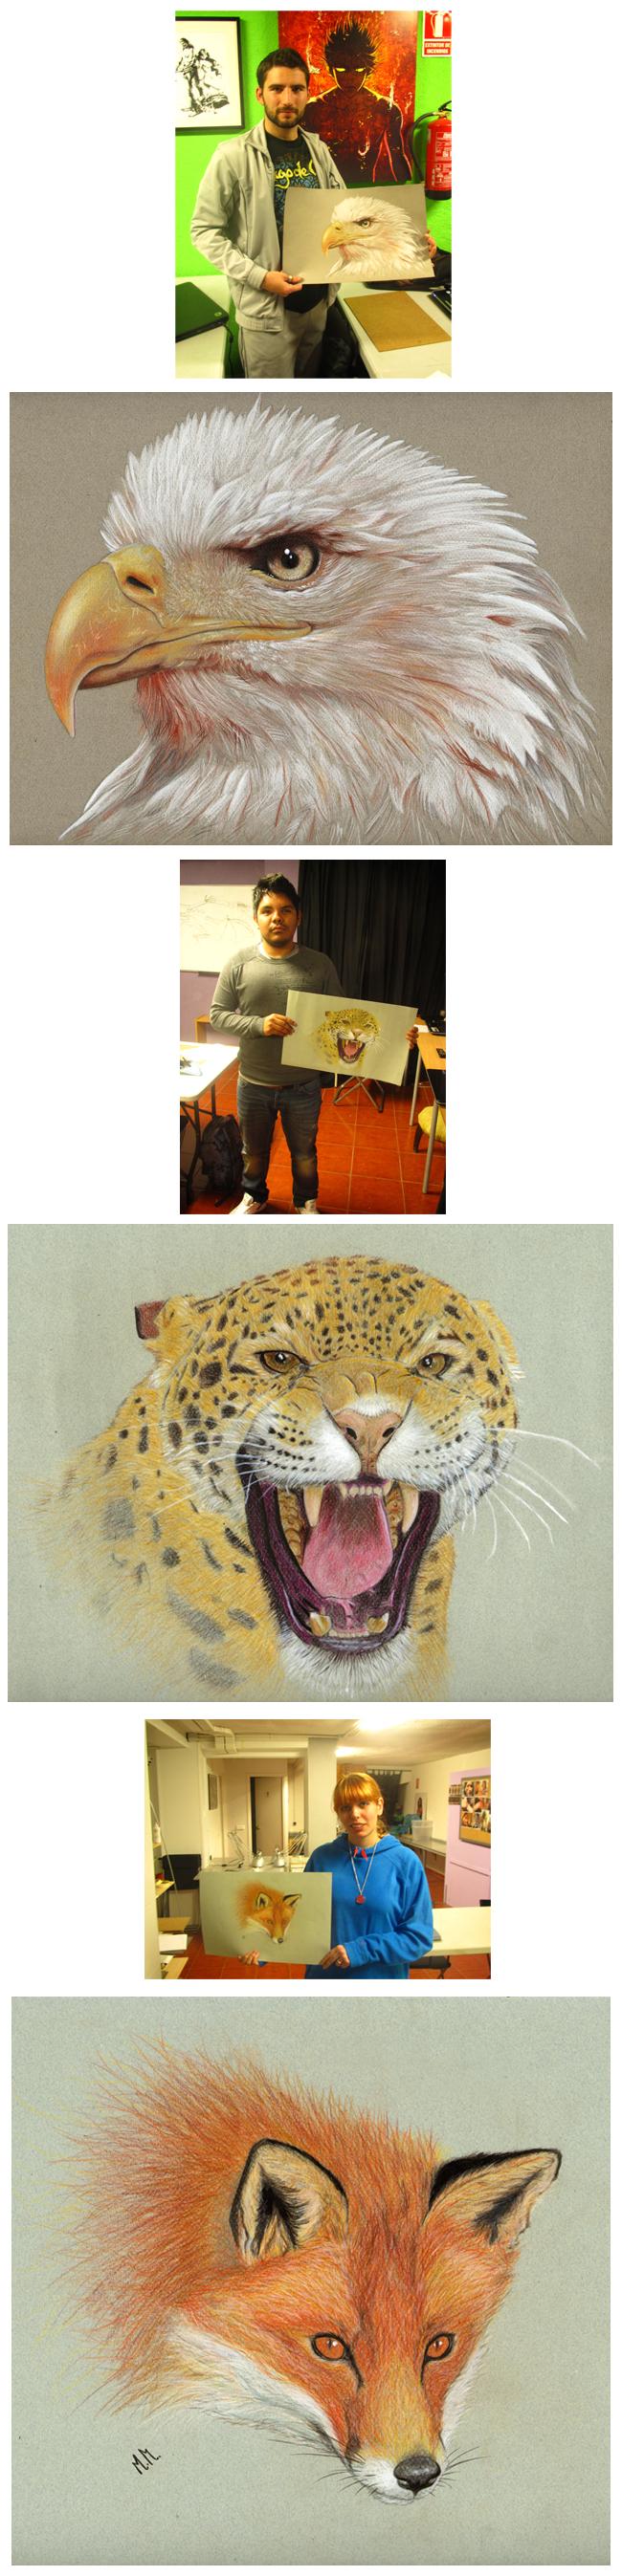 tecnicas-tradicionales-masterc10-trabajos-alumnos-ilustracion-academiac10-madrid